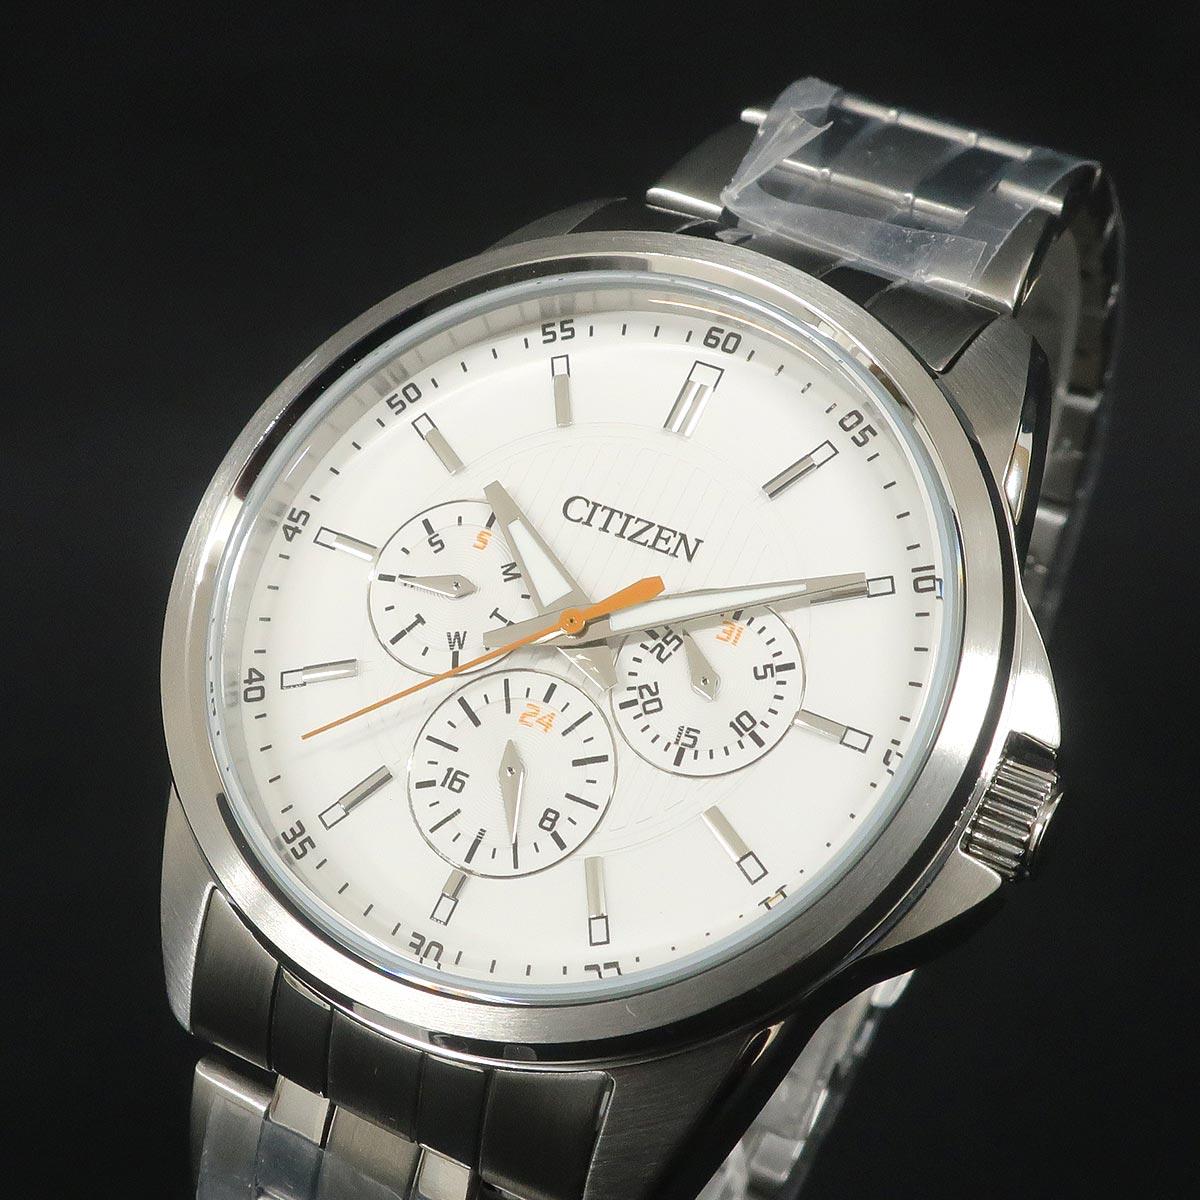 CITIZEN シチズン メンズクォーツ時計 AG8340-58A ホワイト